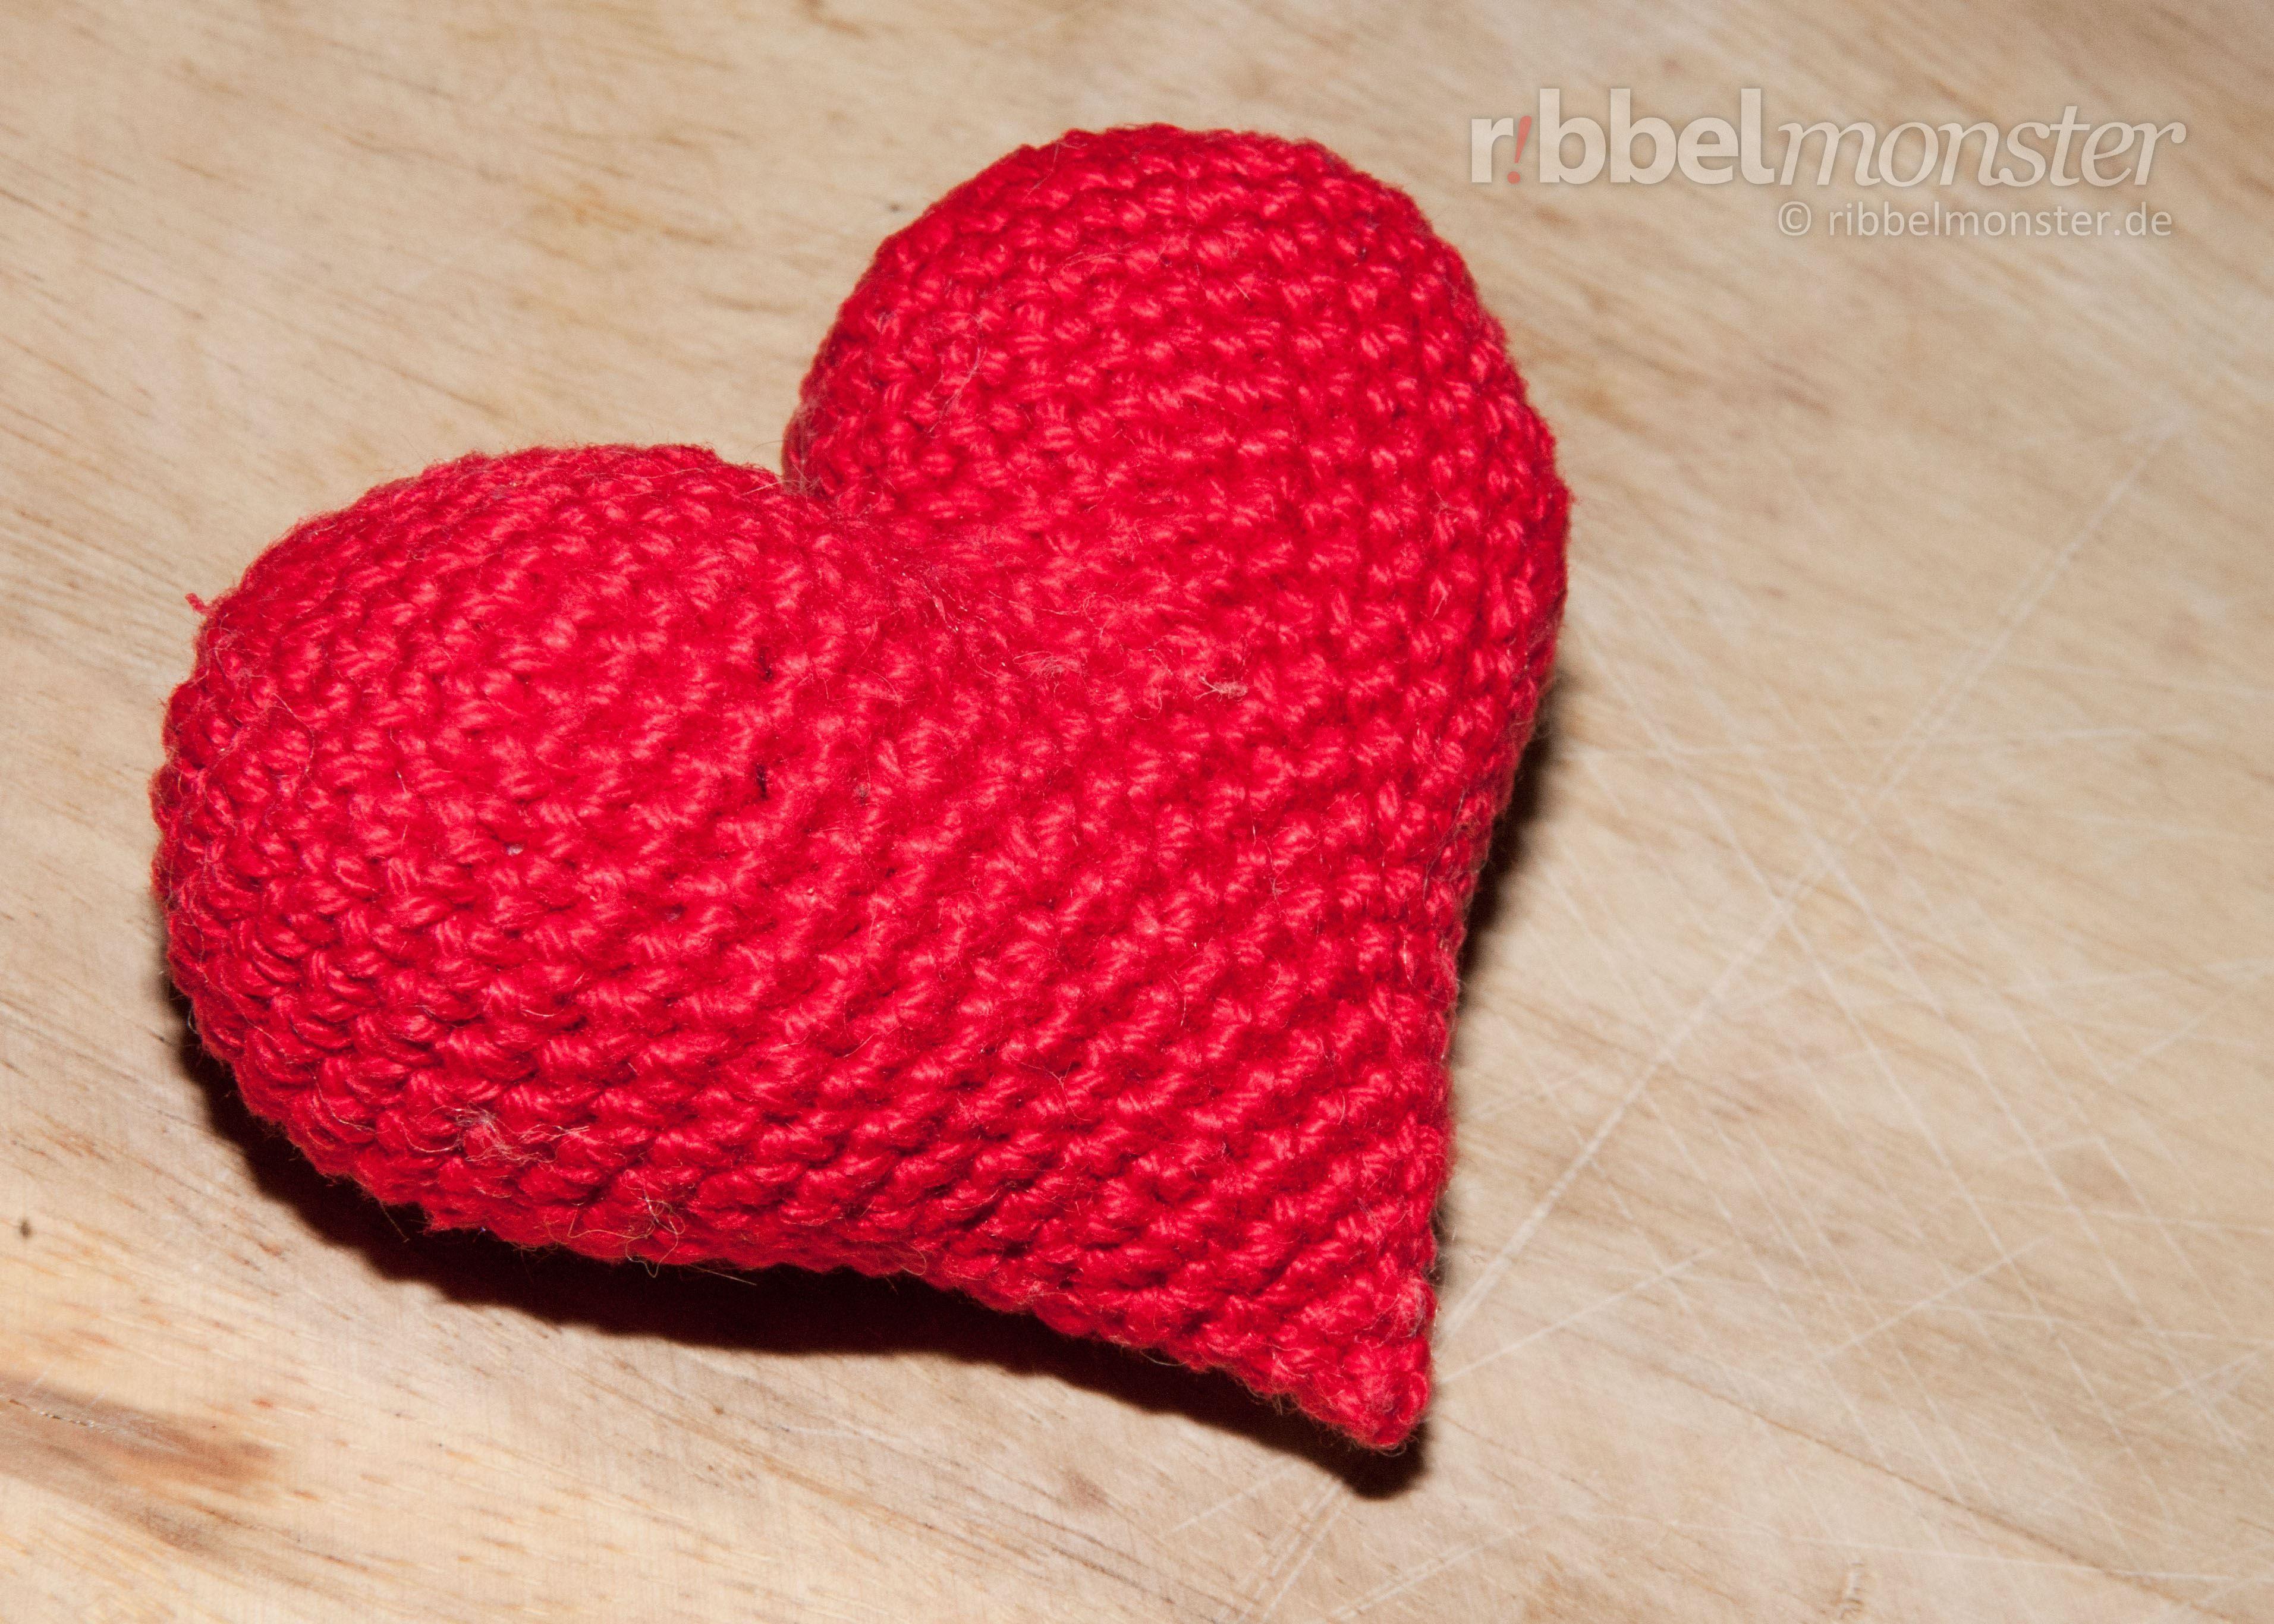 Mit Dieser Anleitung Kannst Du Ein Amigurumi Herz Häkeln Und Dir